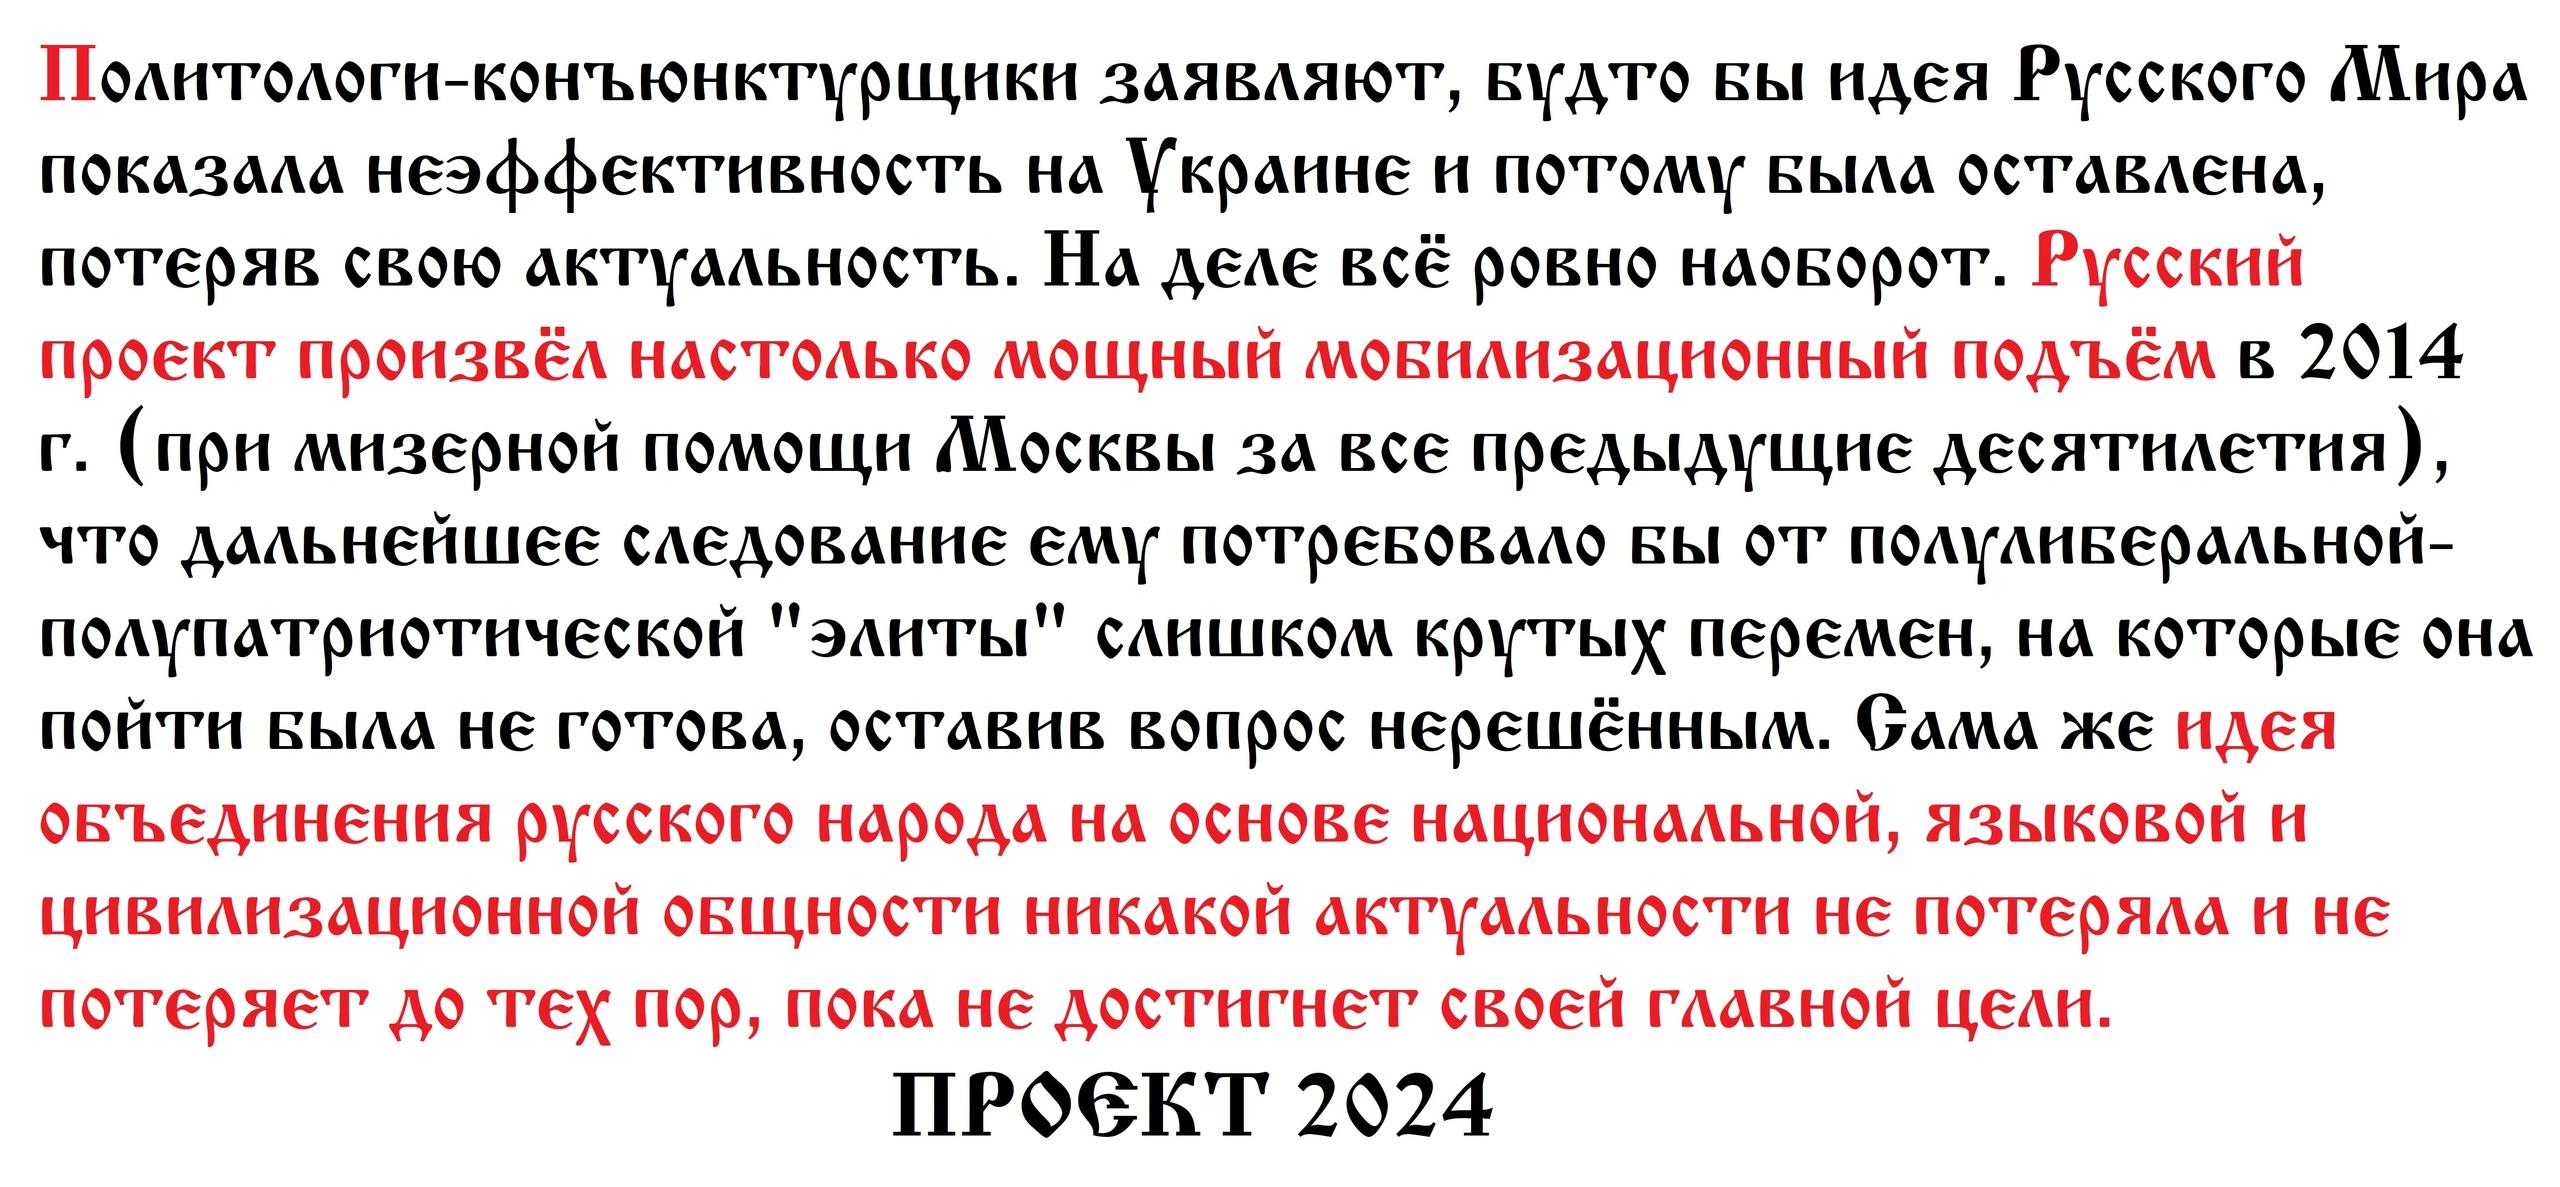 3TkxPIn57Js.jpg